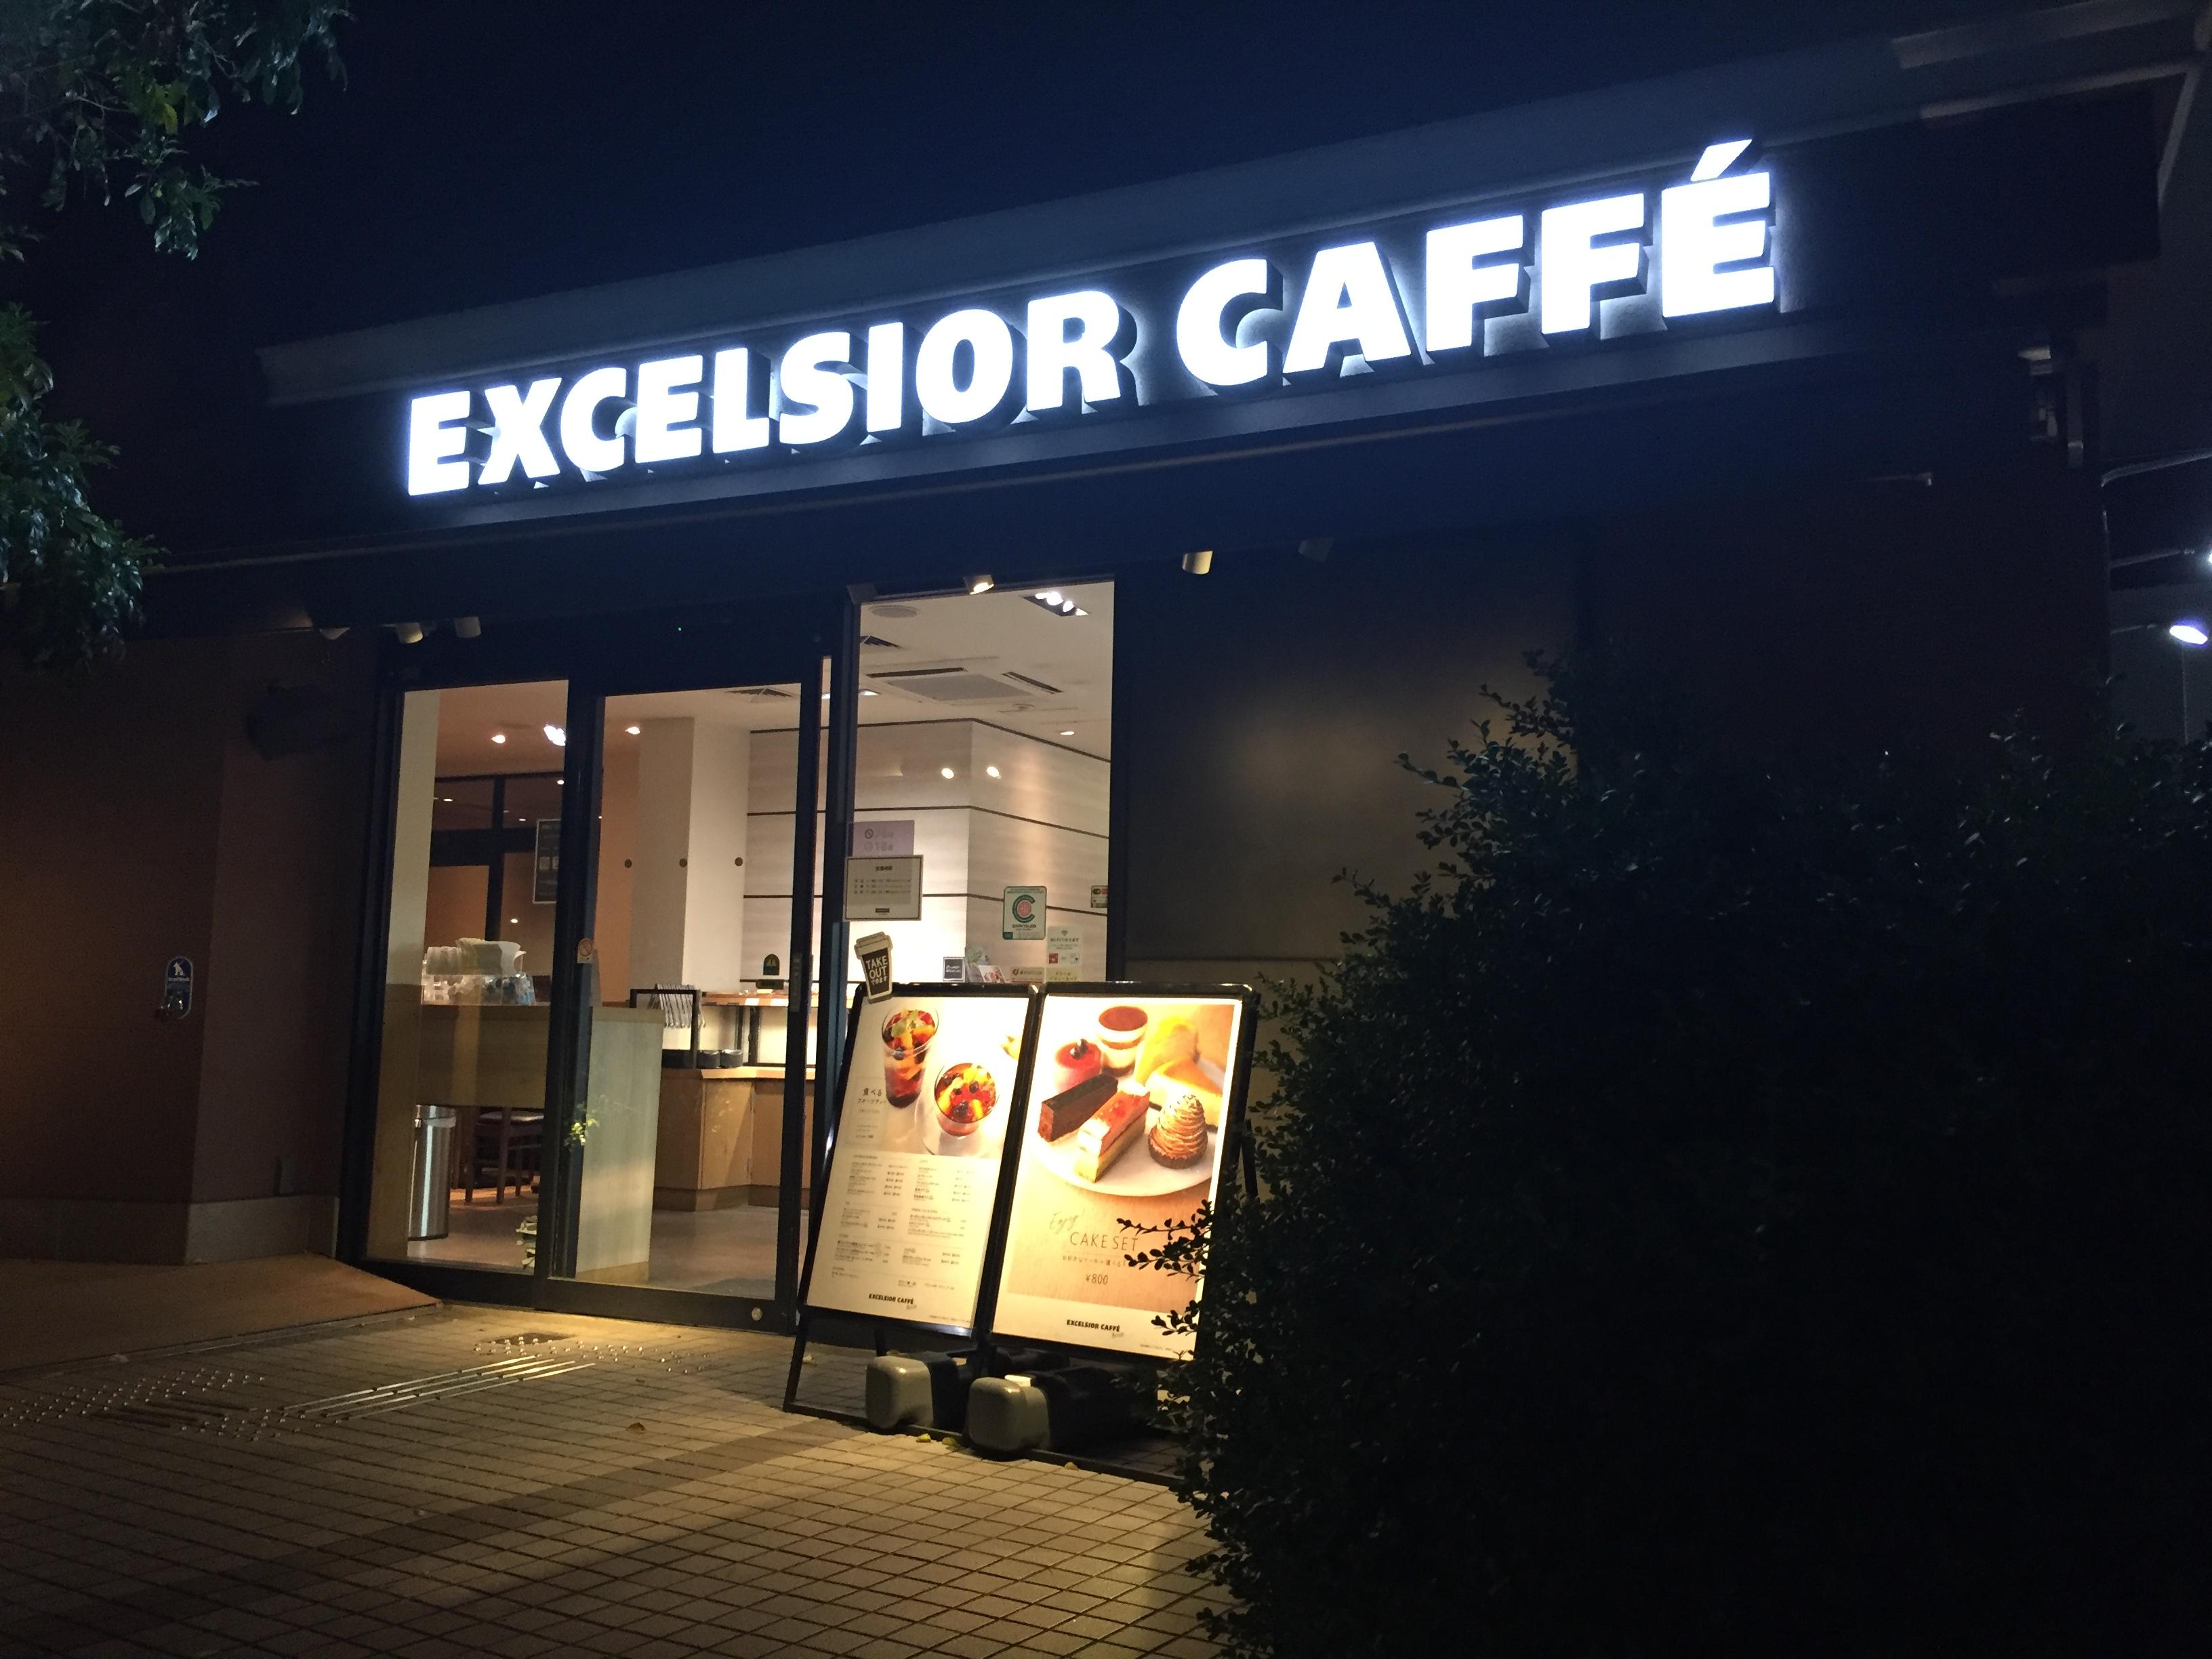 千駄ヶ谷駅 電源カフェ エクセルシオールカフェ 千駄ヶ谷駅前店